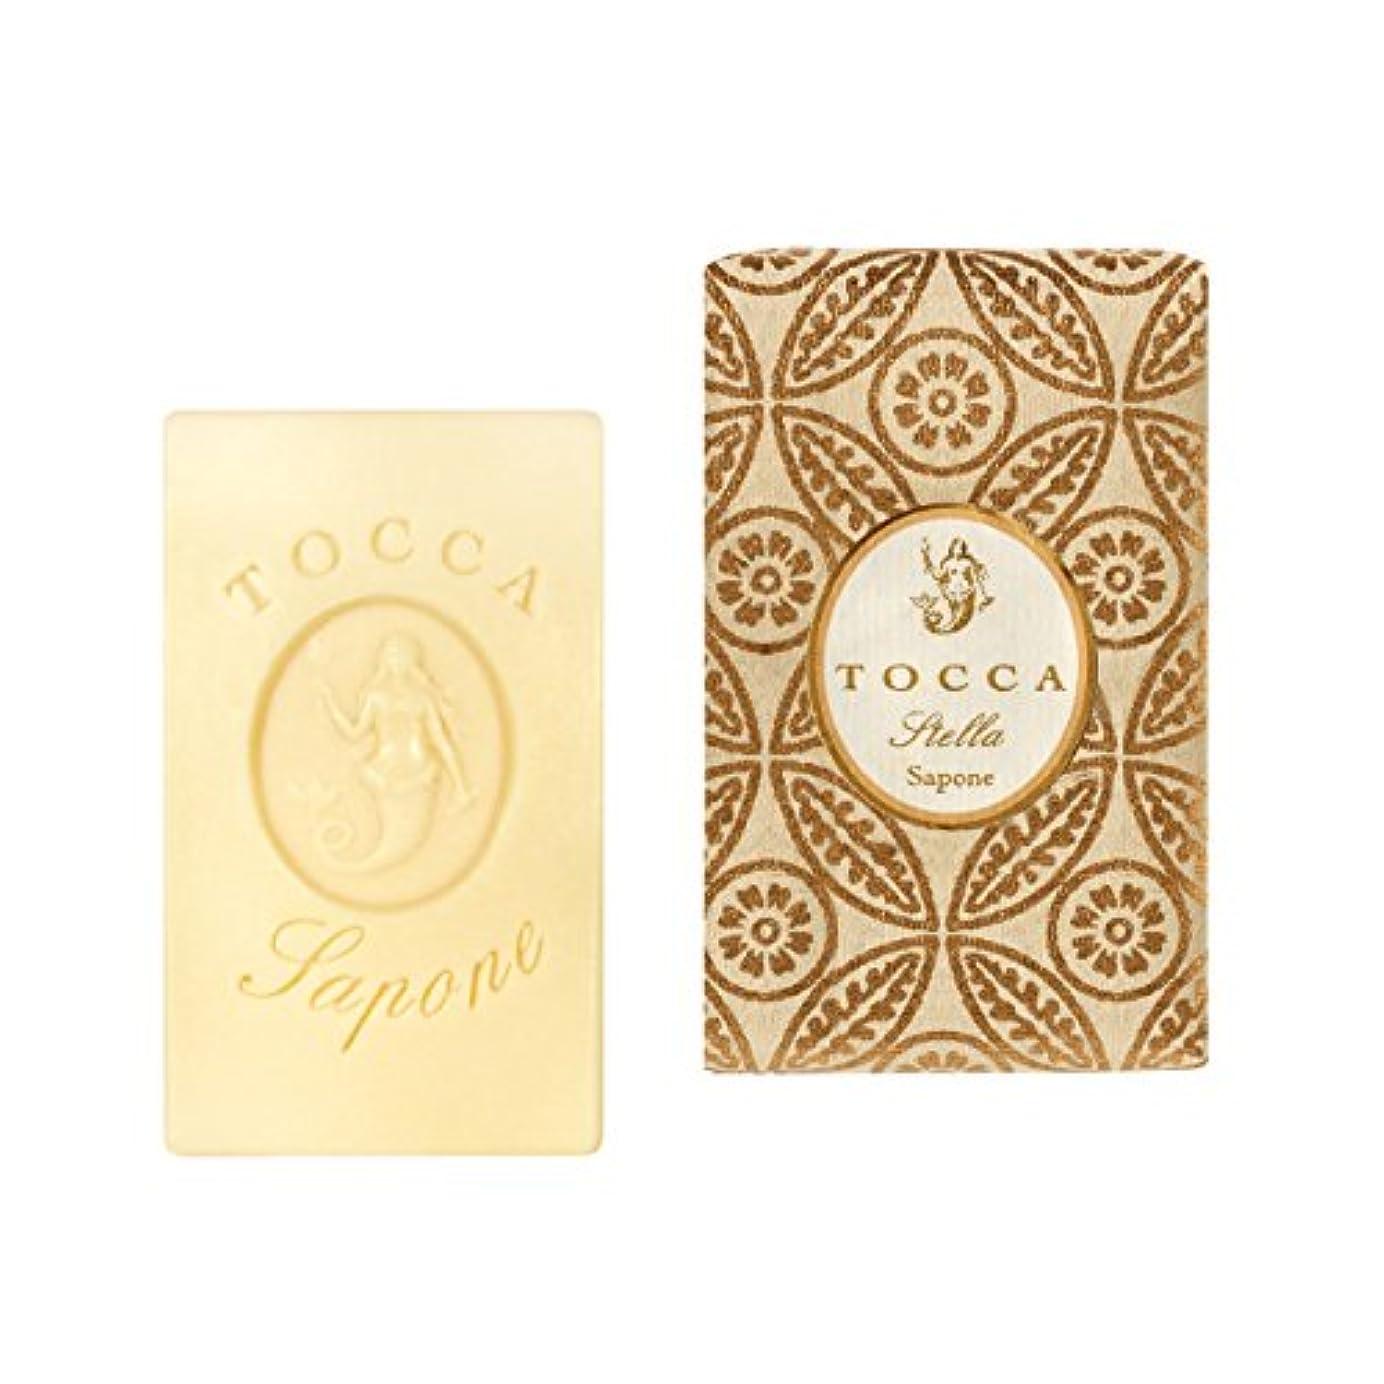 一貫性のない陰謀精査するトッカ(TOCCA) ソープバー ステラの香り 113g(石けん 化粧石けん イタリアンブラッドオレンジが奏でるフレッシュでビターな爽やかさ漂う香り)